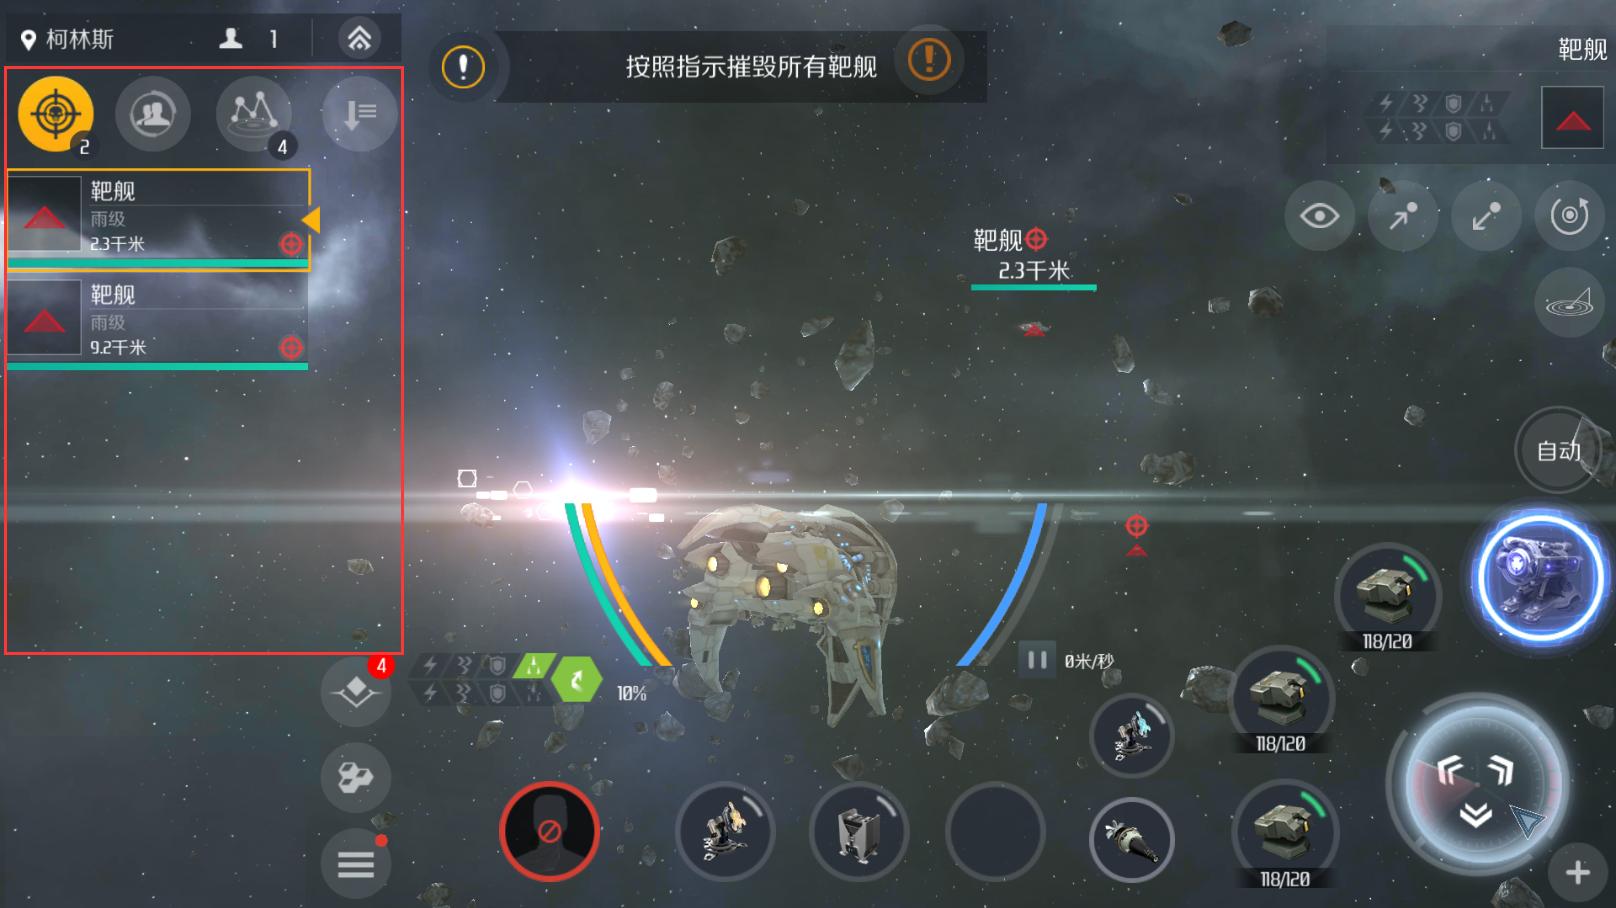 《第二银河》战斗总览